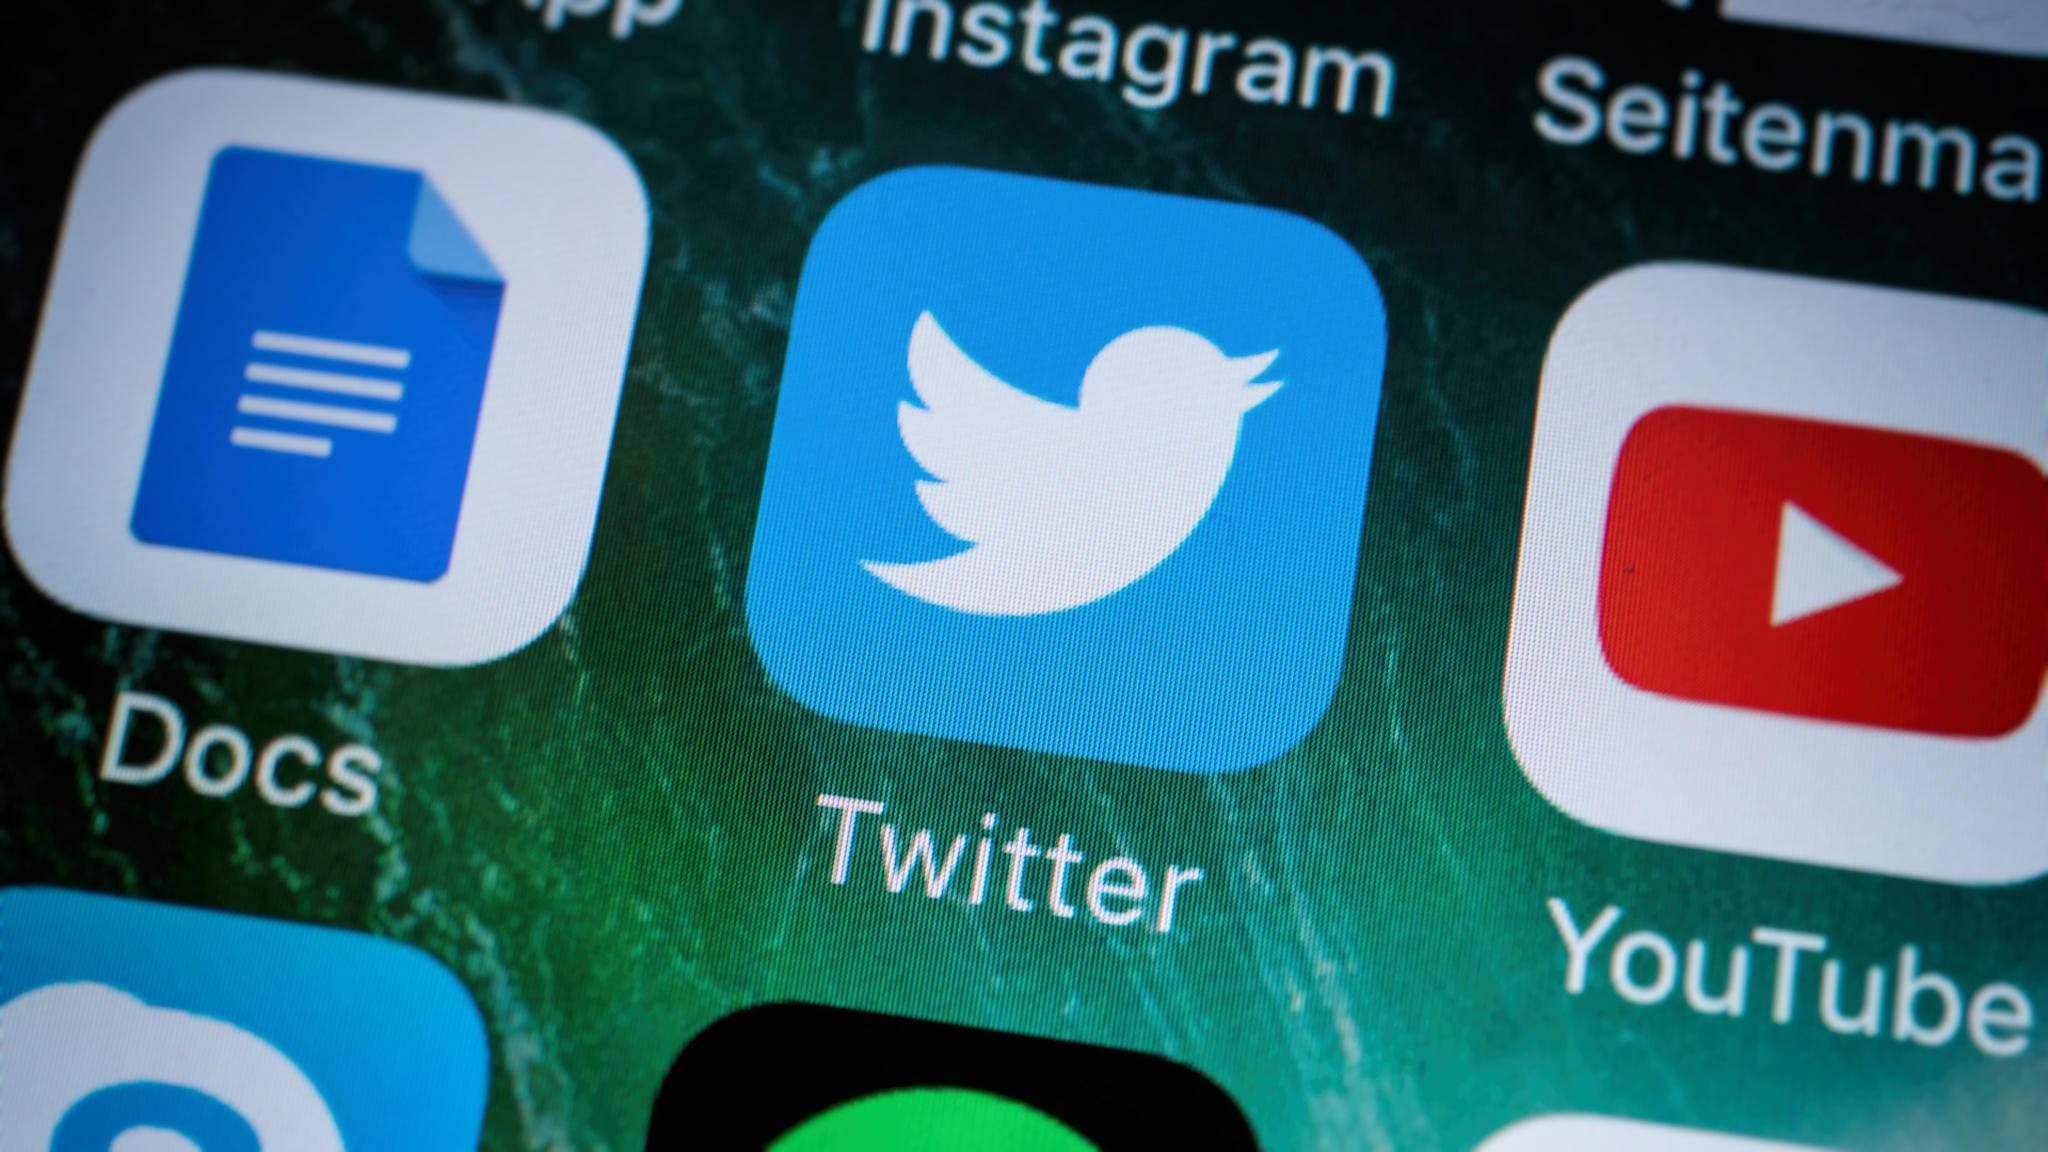 Twitter hat ein neues Feature: Twitter Fleets sind sich selbst zerstörende Stories.